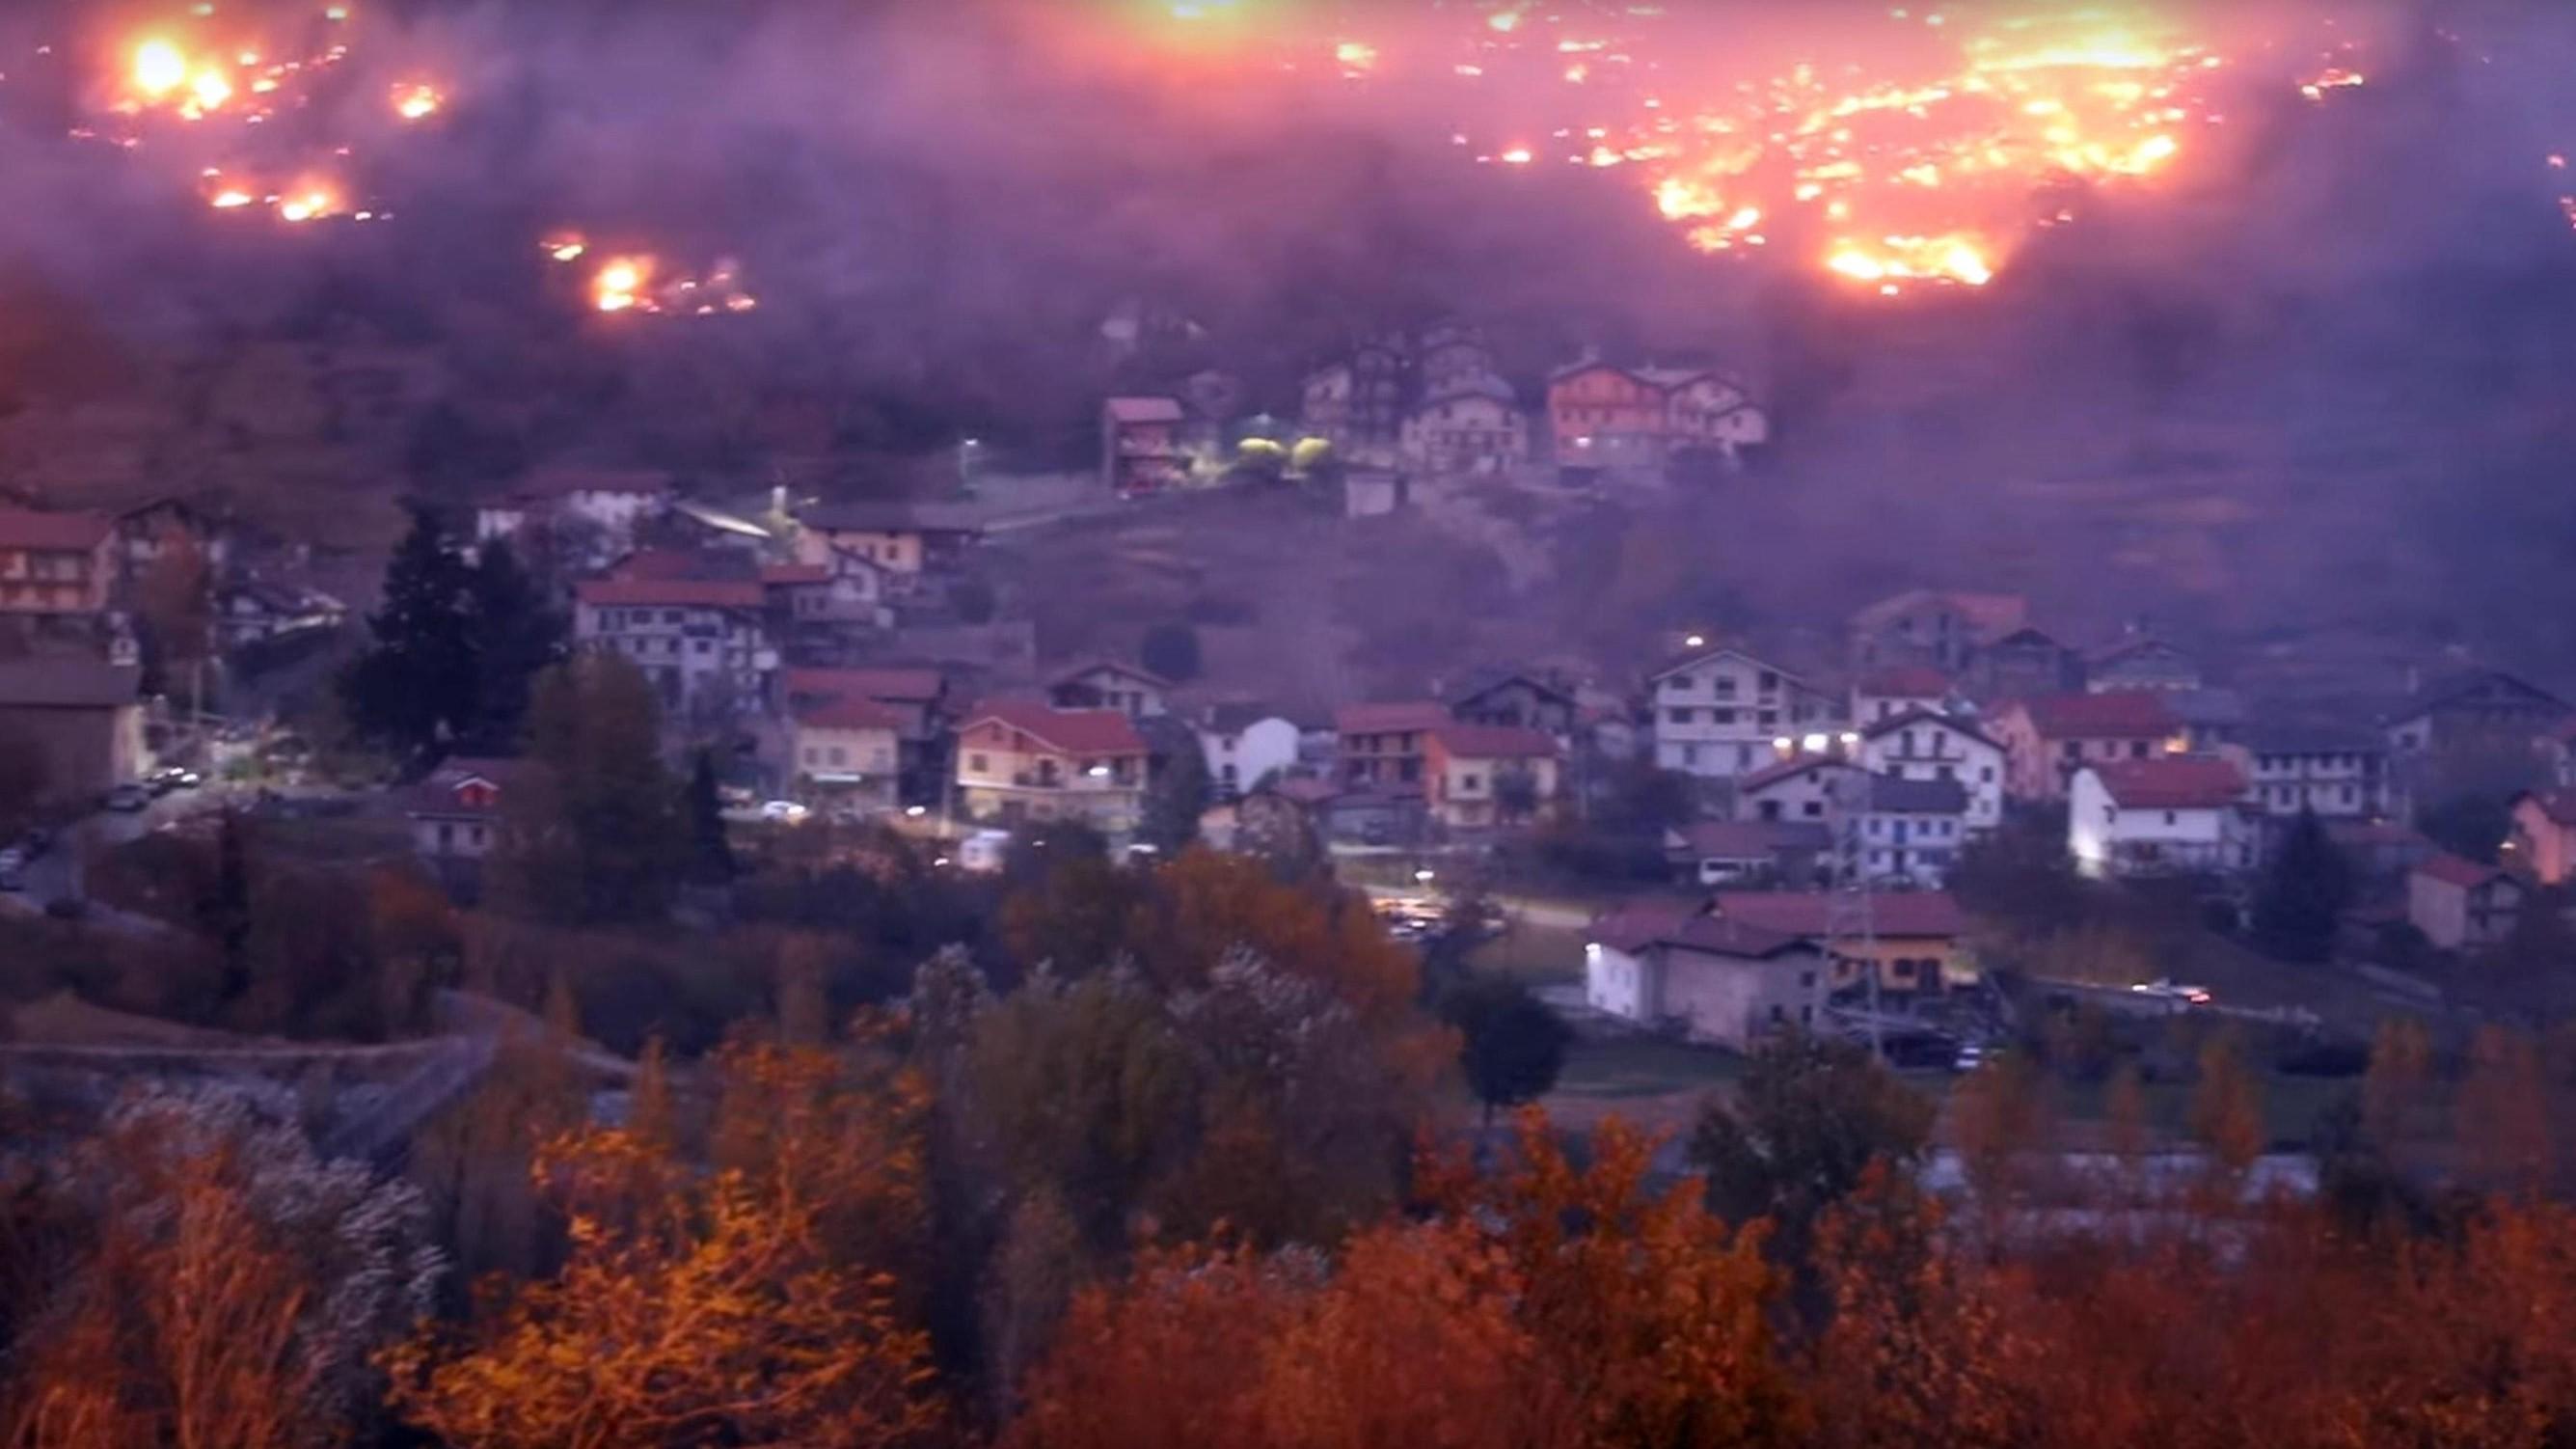 Incendi in Piemonte: oltre 600 sfollati in Val di Susa, allarme inquinamento a Torino